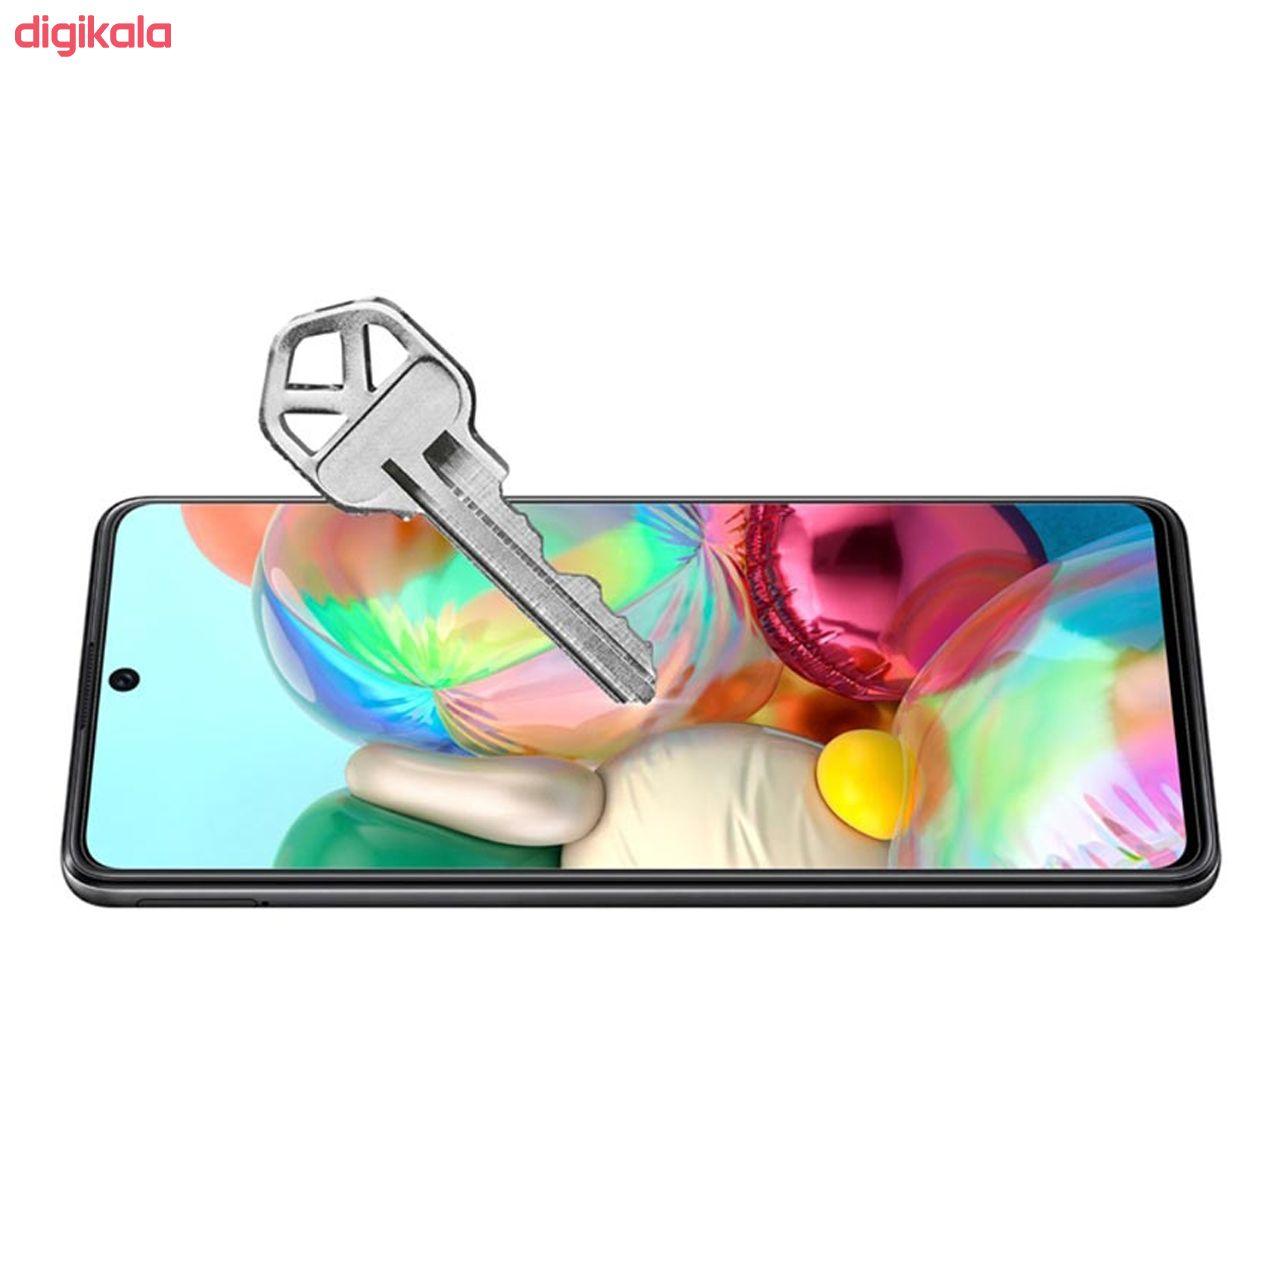 محافظ صفحه نمایش سیحان مدل CLT مناسب برای گوشی موبایل سامسونگ Galaxy A51 main 1 4